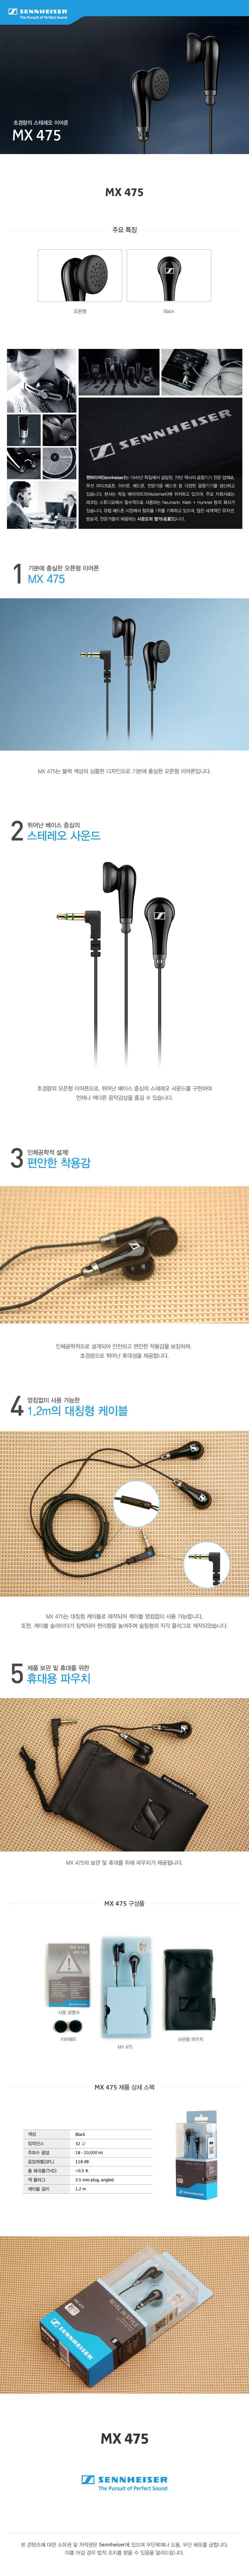 젠하이저 MX 475 이어폰 - 젠하이저, 39,550원, 이어폰, 오픈형 이어폰